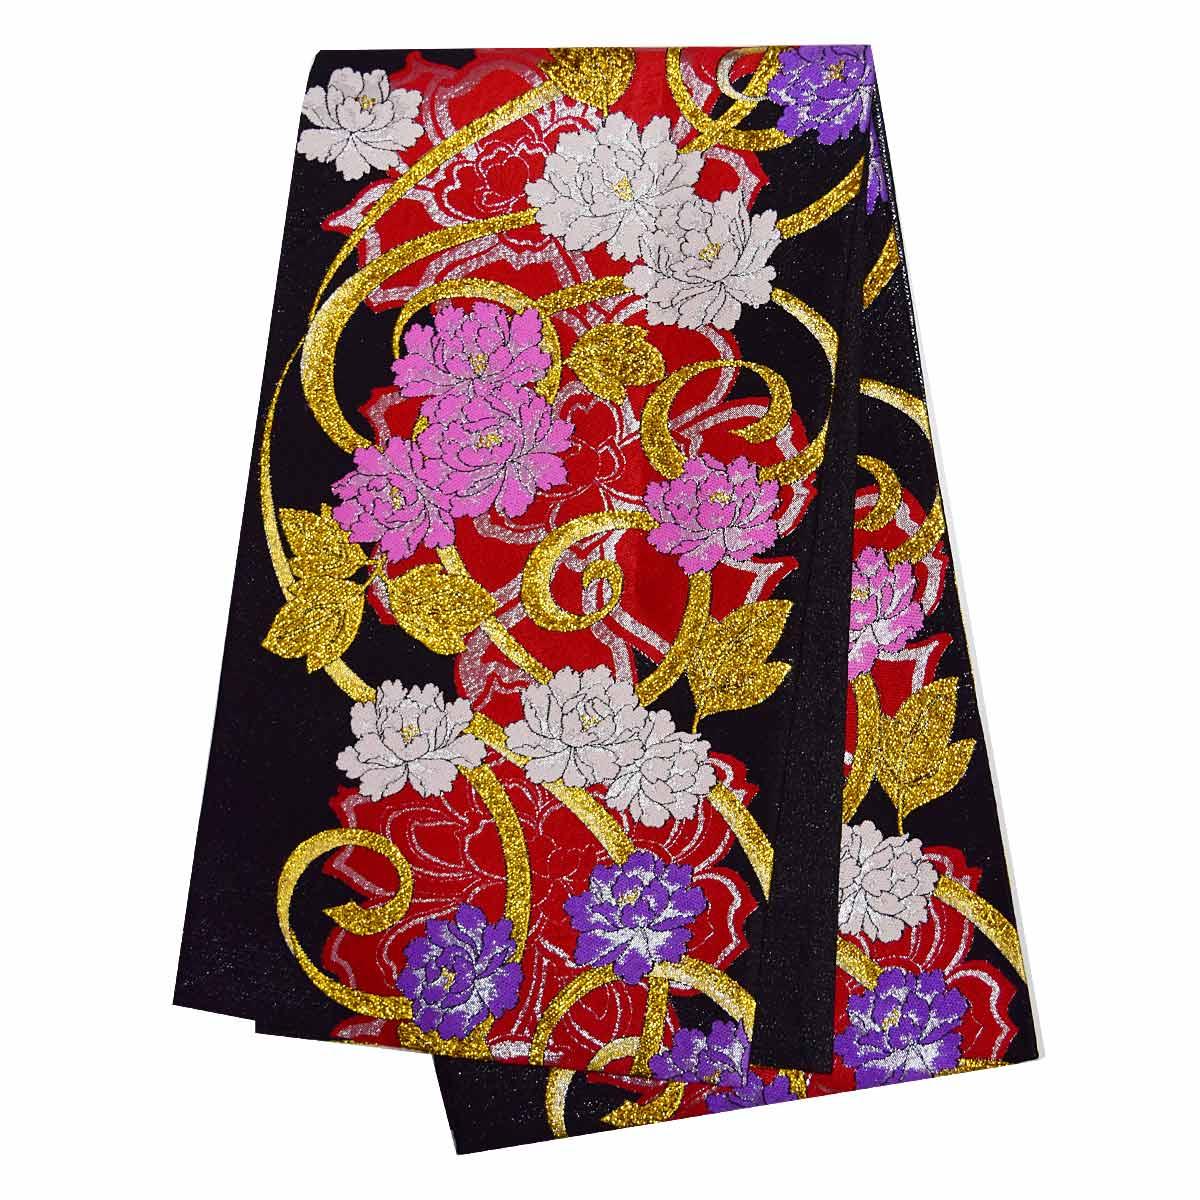 振袖用 仕立て上がり袋帯 単品成人式 振袖 袋帯 花柄 金 赤 ピンク 紫 黒番号d920-4